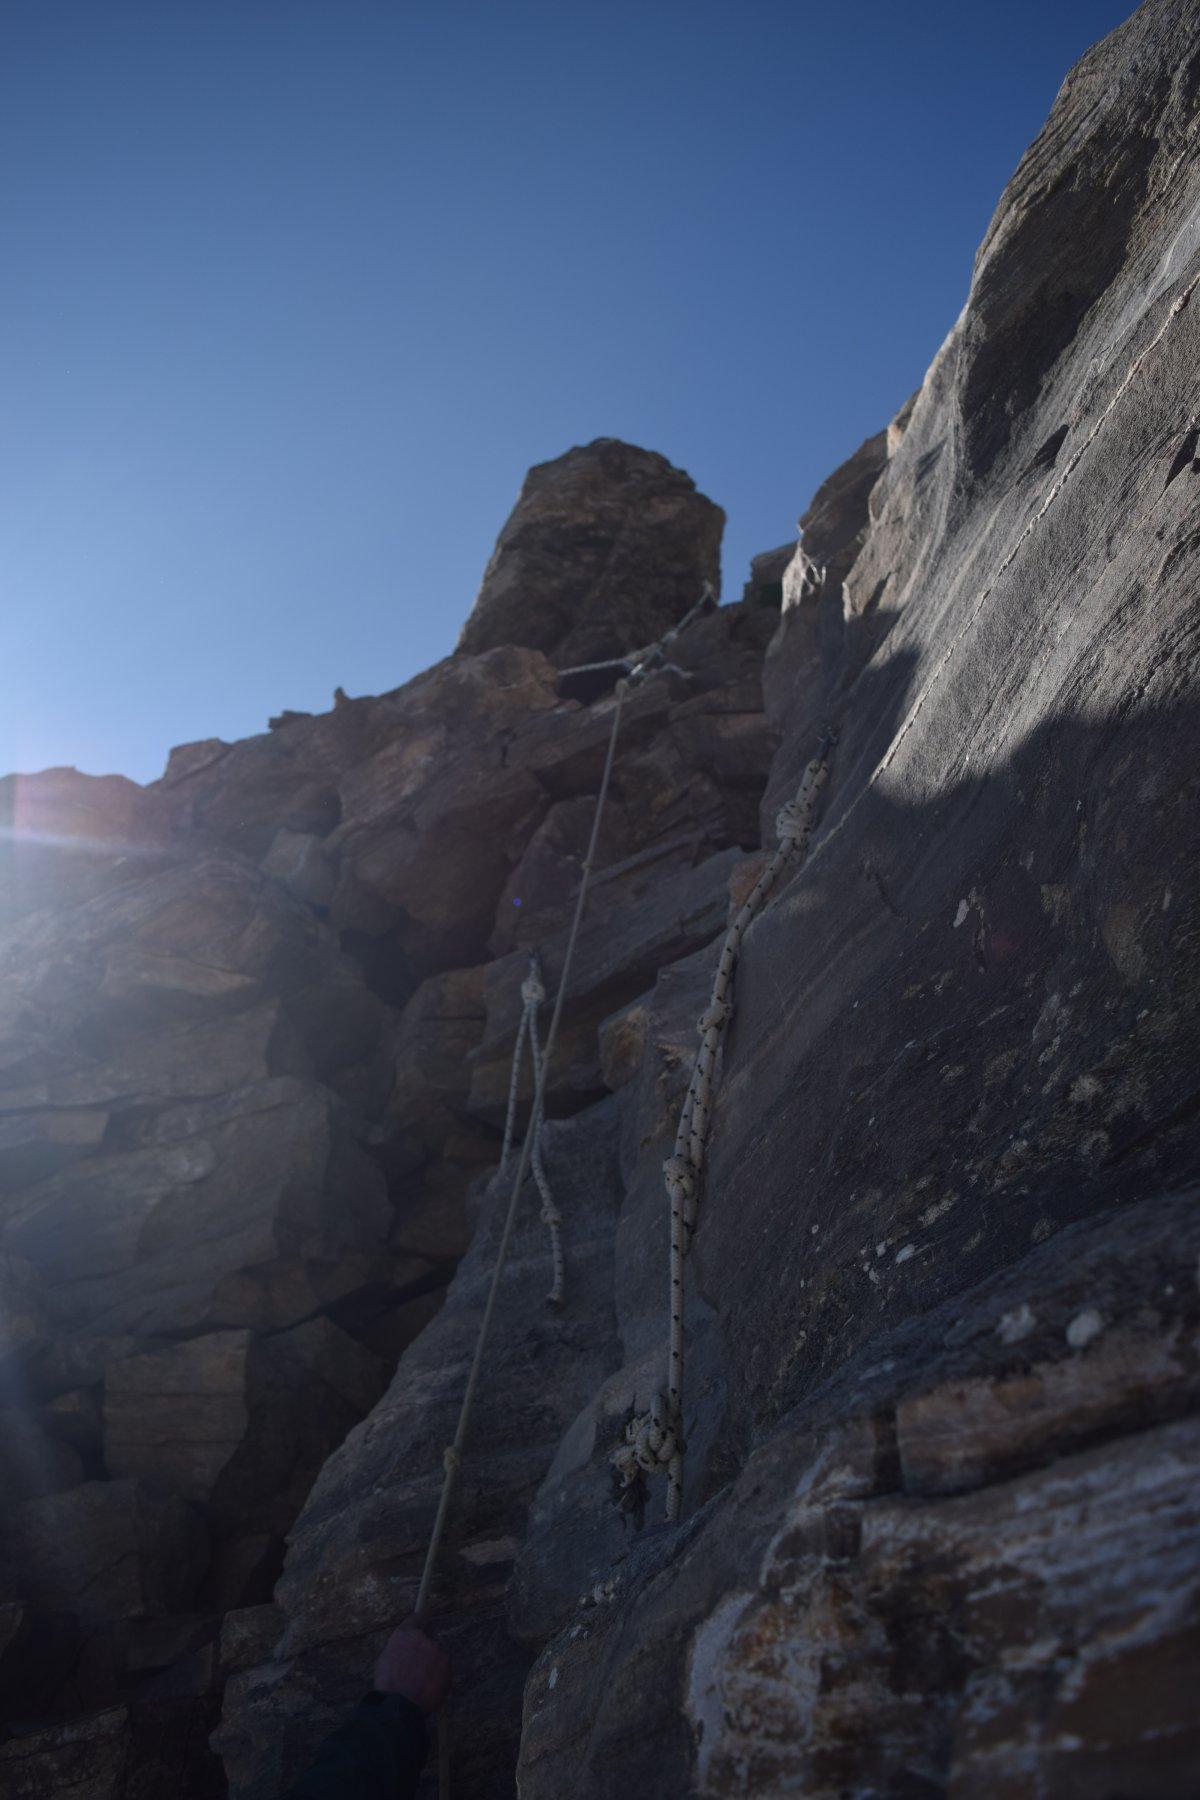 Ultmo pezzo di percorso con le corde per raggiungere la vatta di Punta Basei